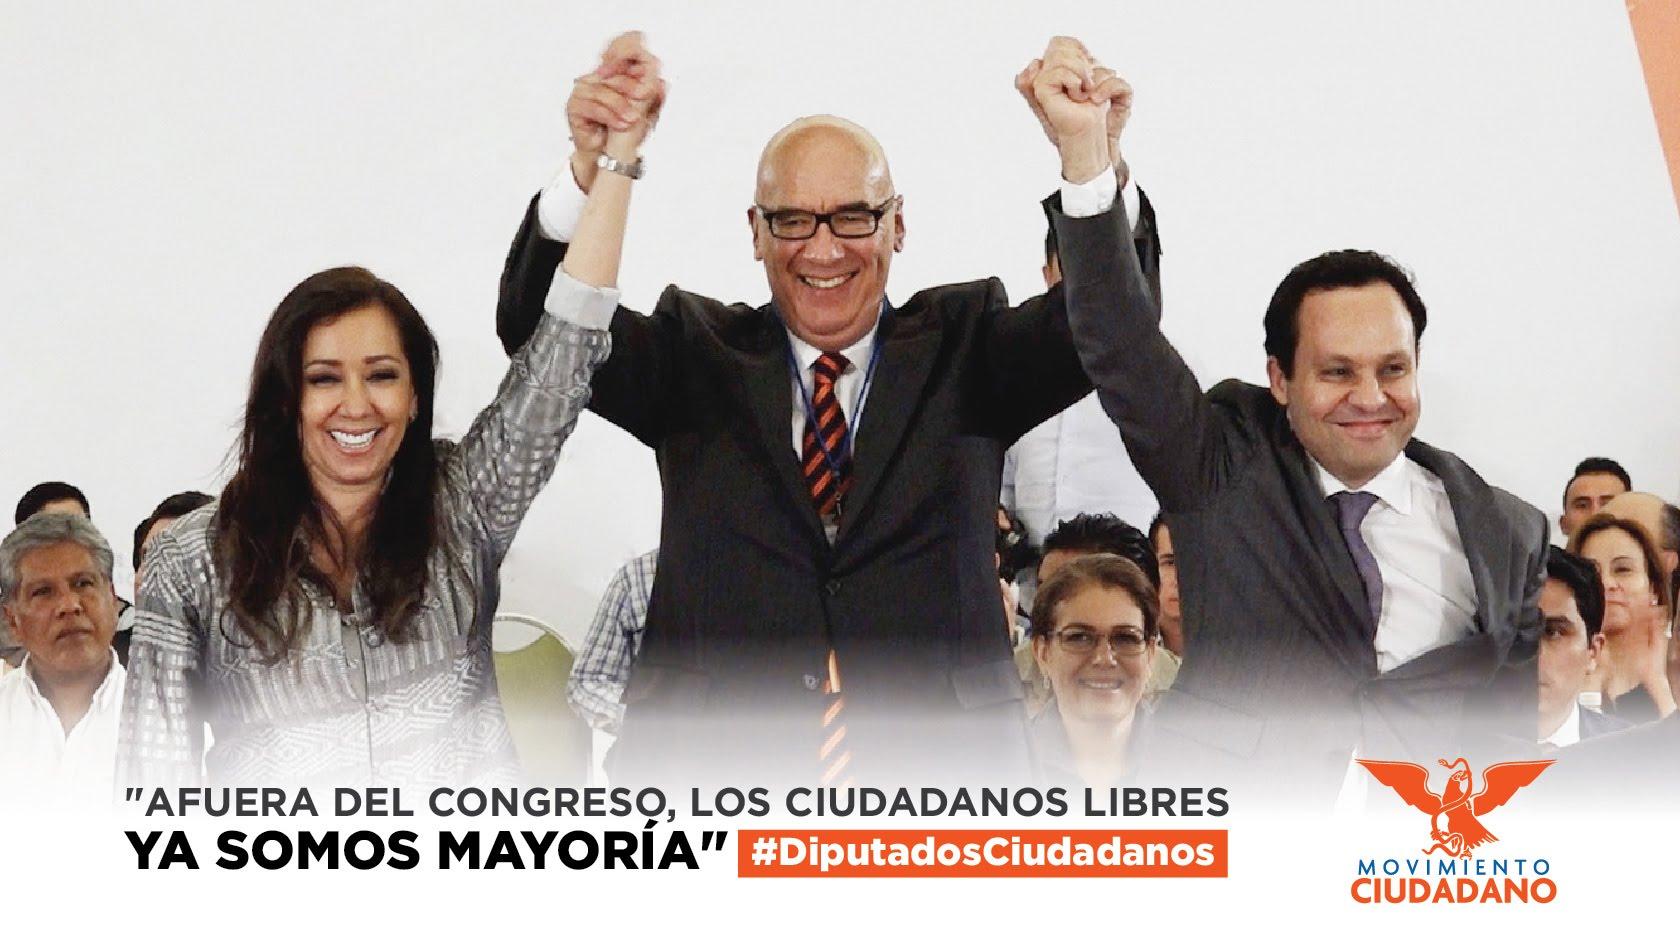 Clemente Castañeda, coordinador de la bancada de los ciudadanos - Movimiento Ciudadano